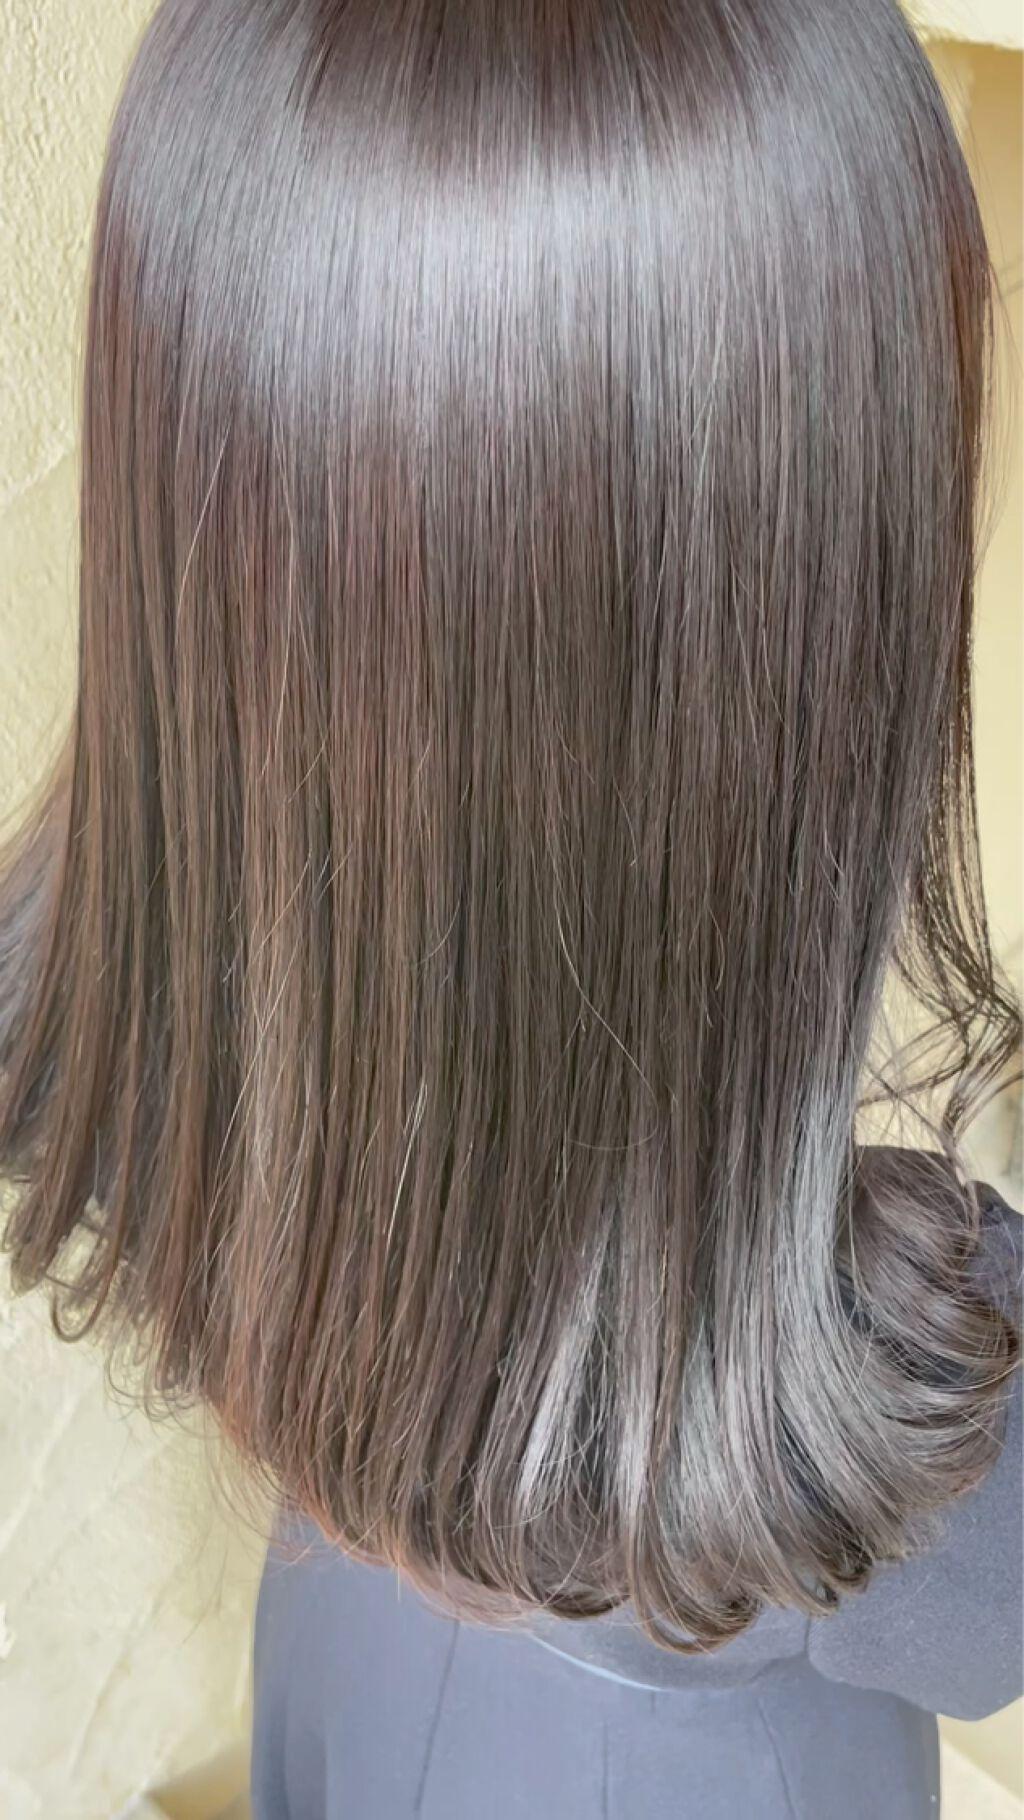 【動画付きクチコミ】🃏ヘアケア備忘録🃏コンプレックスの塊だった髪の毛がツルツルになった方法。髪質…太い硬い癖毛。生え癖が場所によってかなり違う。ダメージ…年2回の縮毛矯正、2ヶ月に一回のカラー。1.お風呂ケアシャンプーリンスは色々使ってみたけど、格段に違...